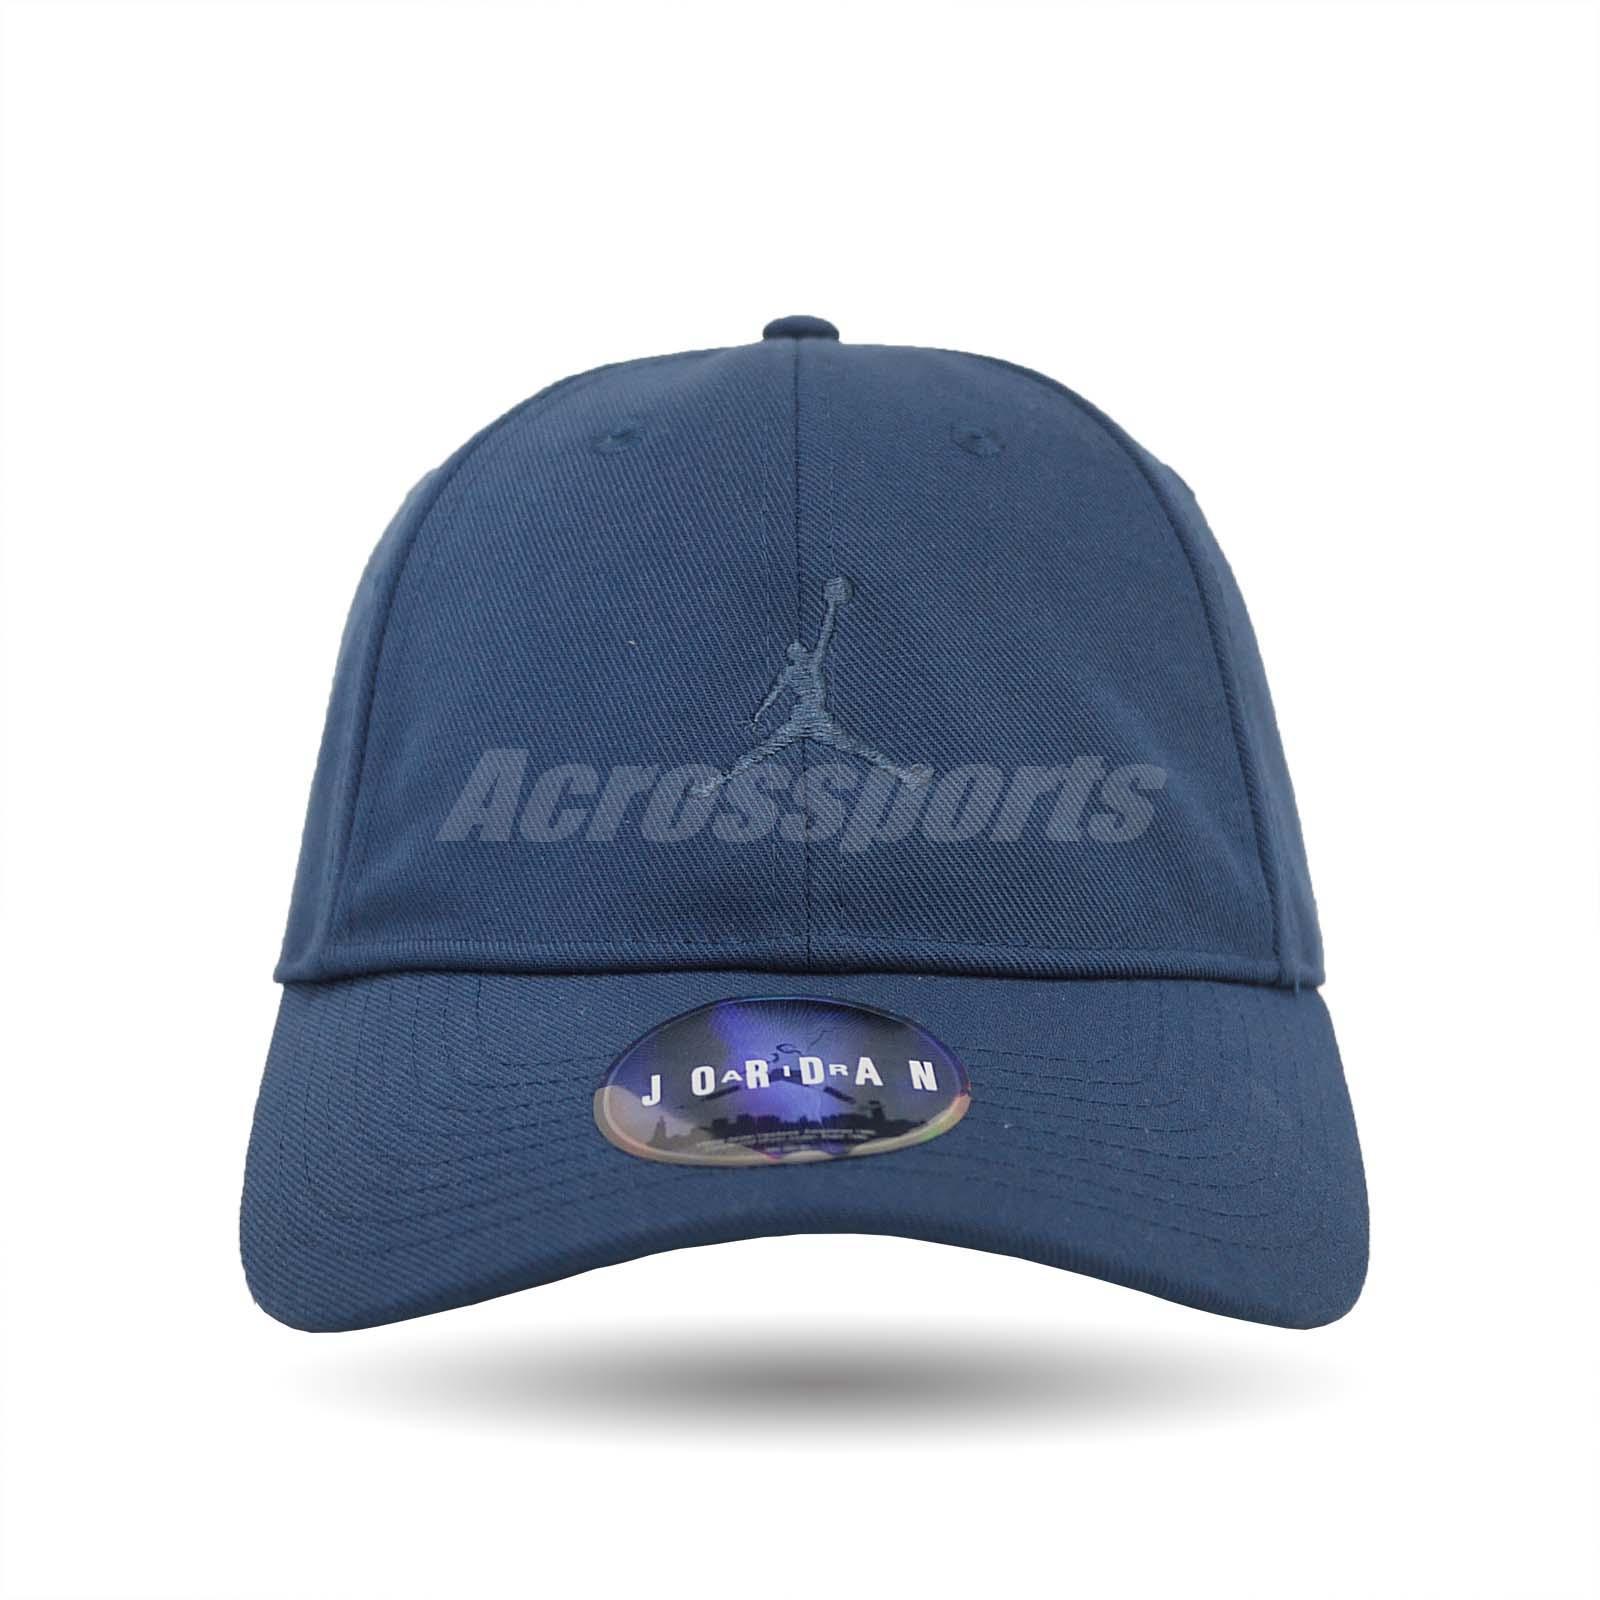 76f3dede9dfbe Details about Nike Jordan Jumpman Floppy H86 Adjustable Hat Heritage Gym Cap  Blue 847143-414